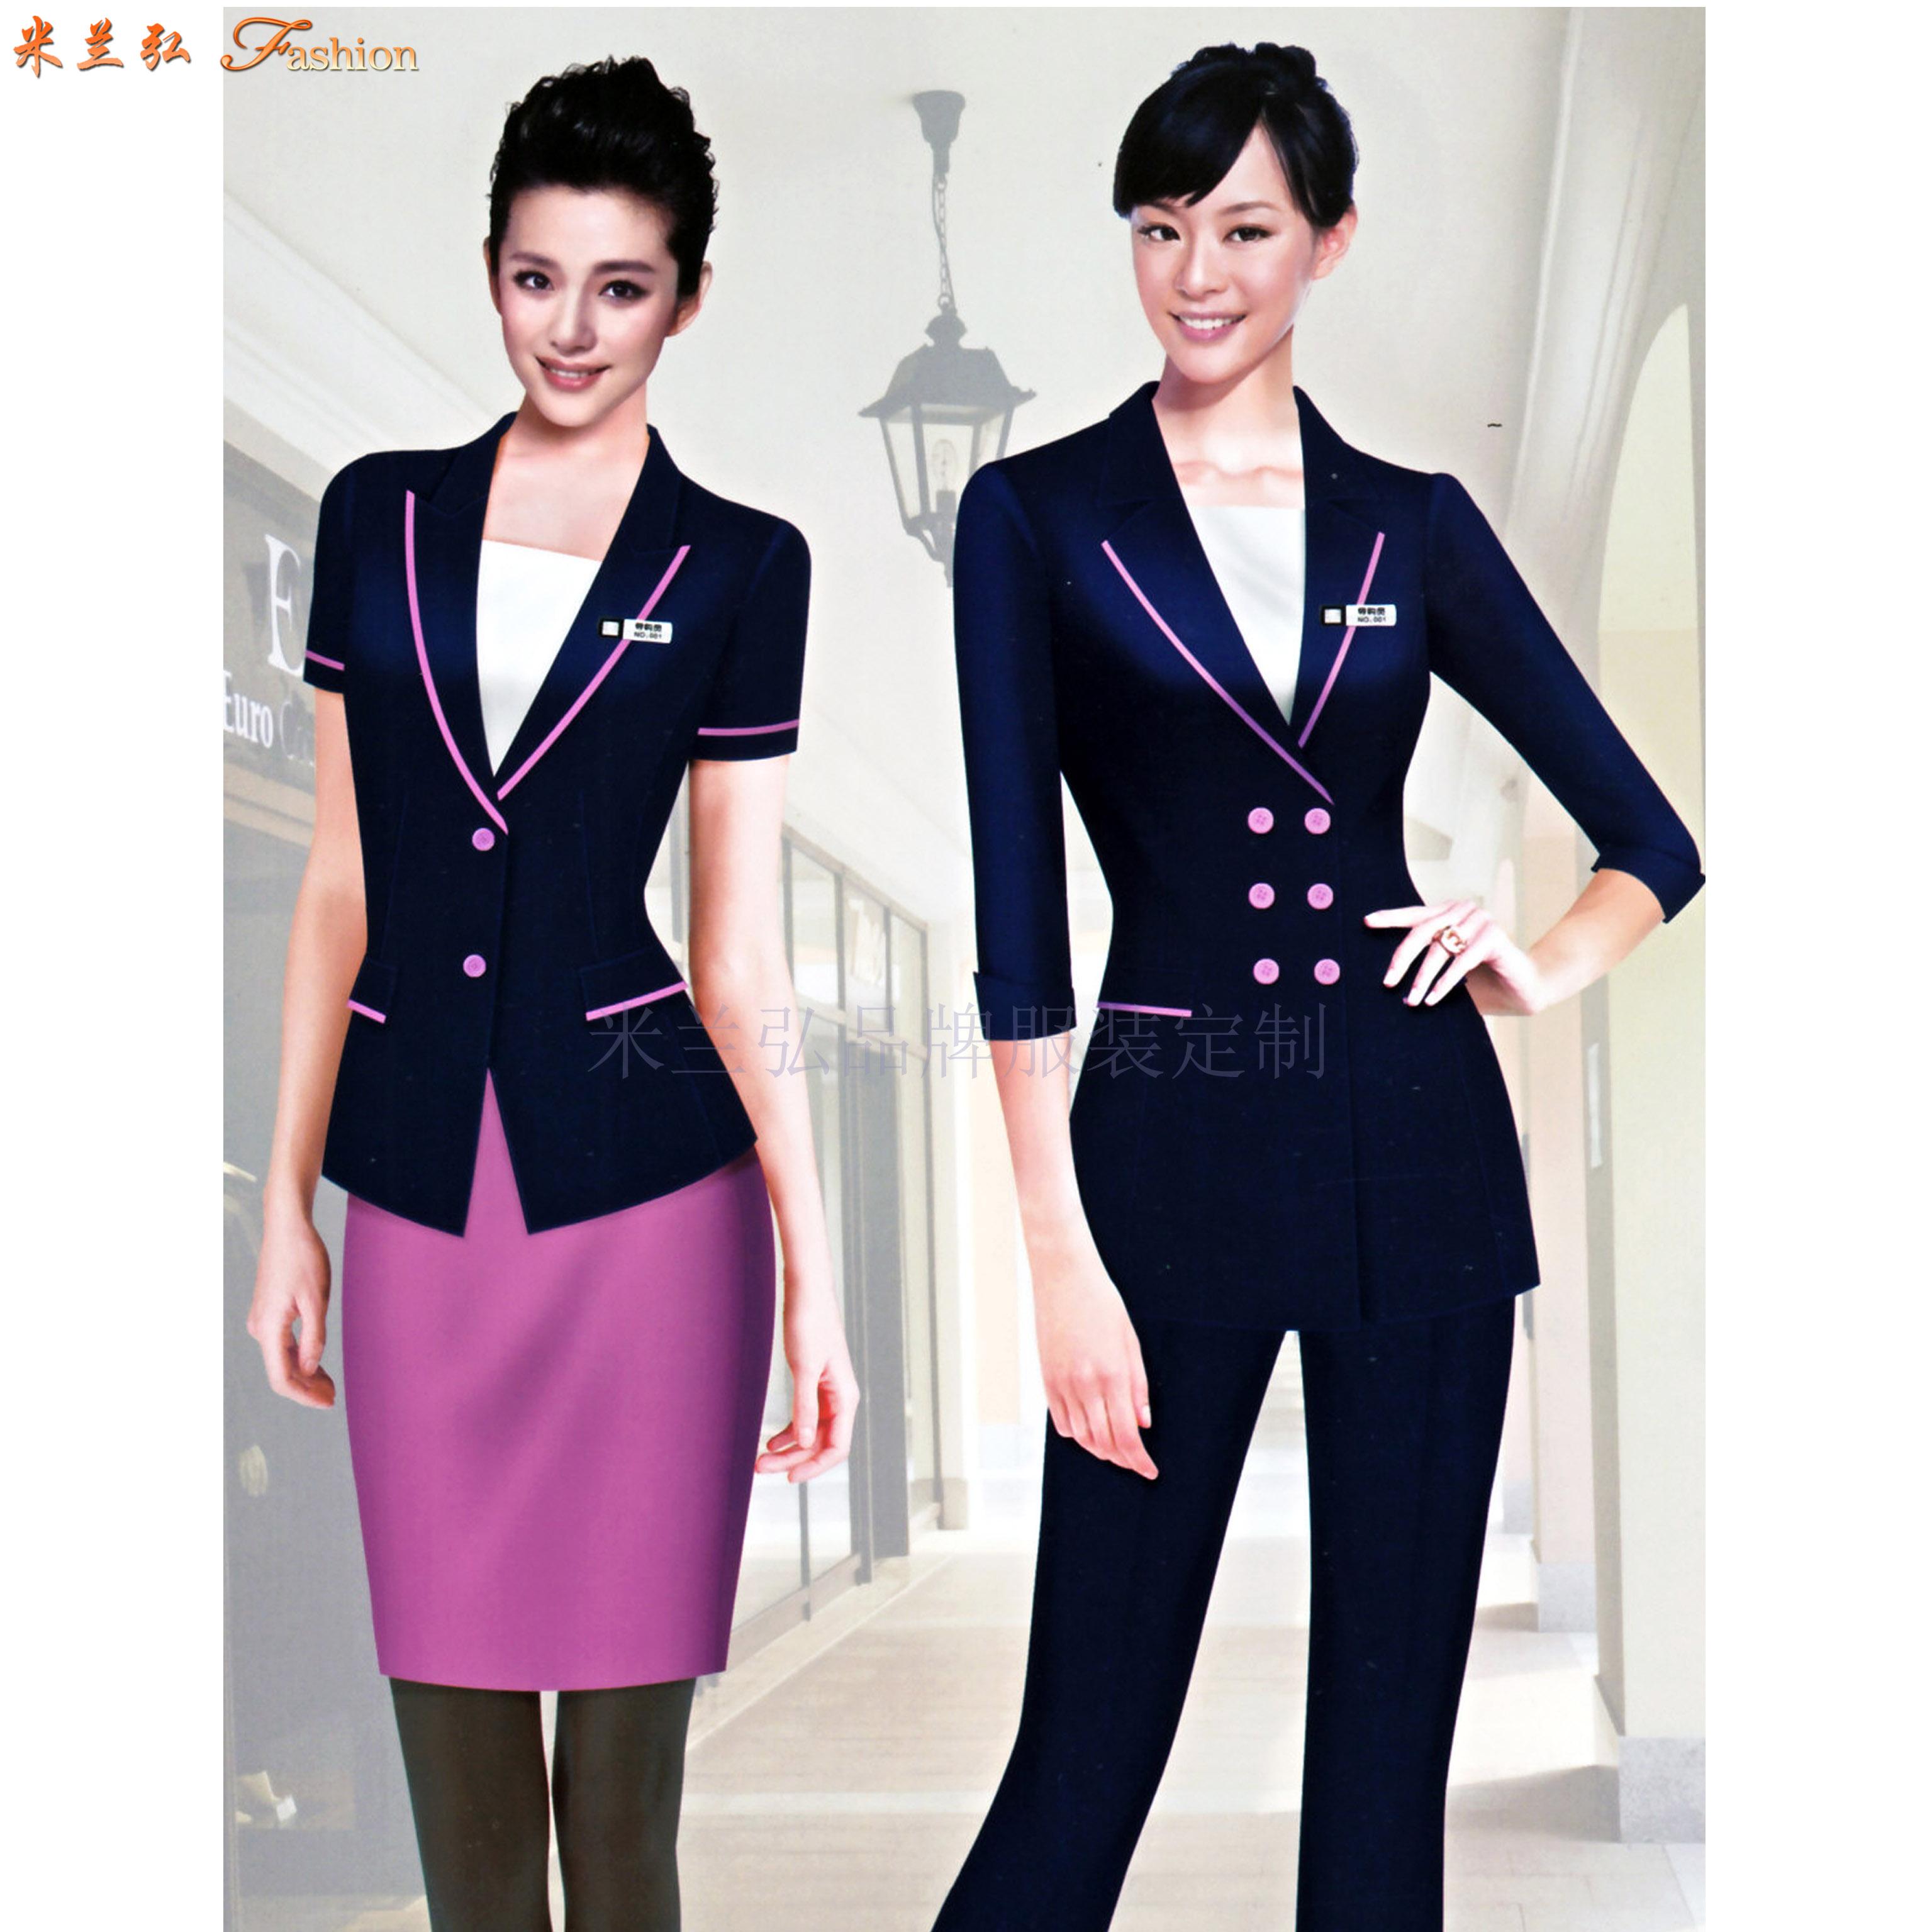 價格合理的職業裝定制-好看的女士職業裝圖片-米蘭弘服裝-1